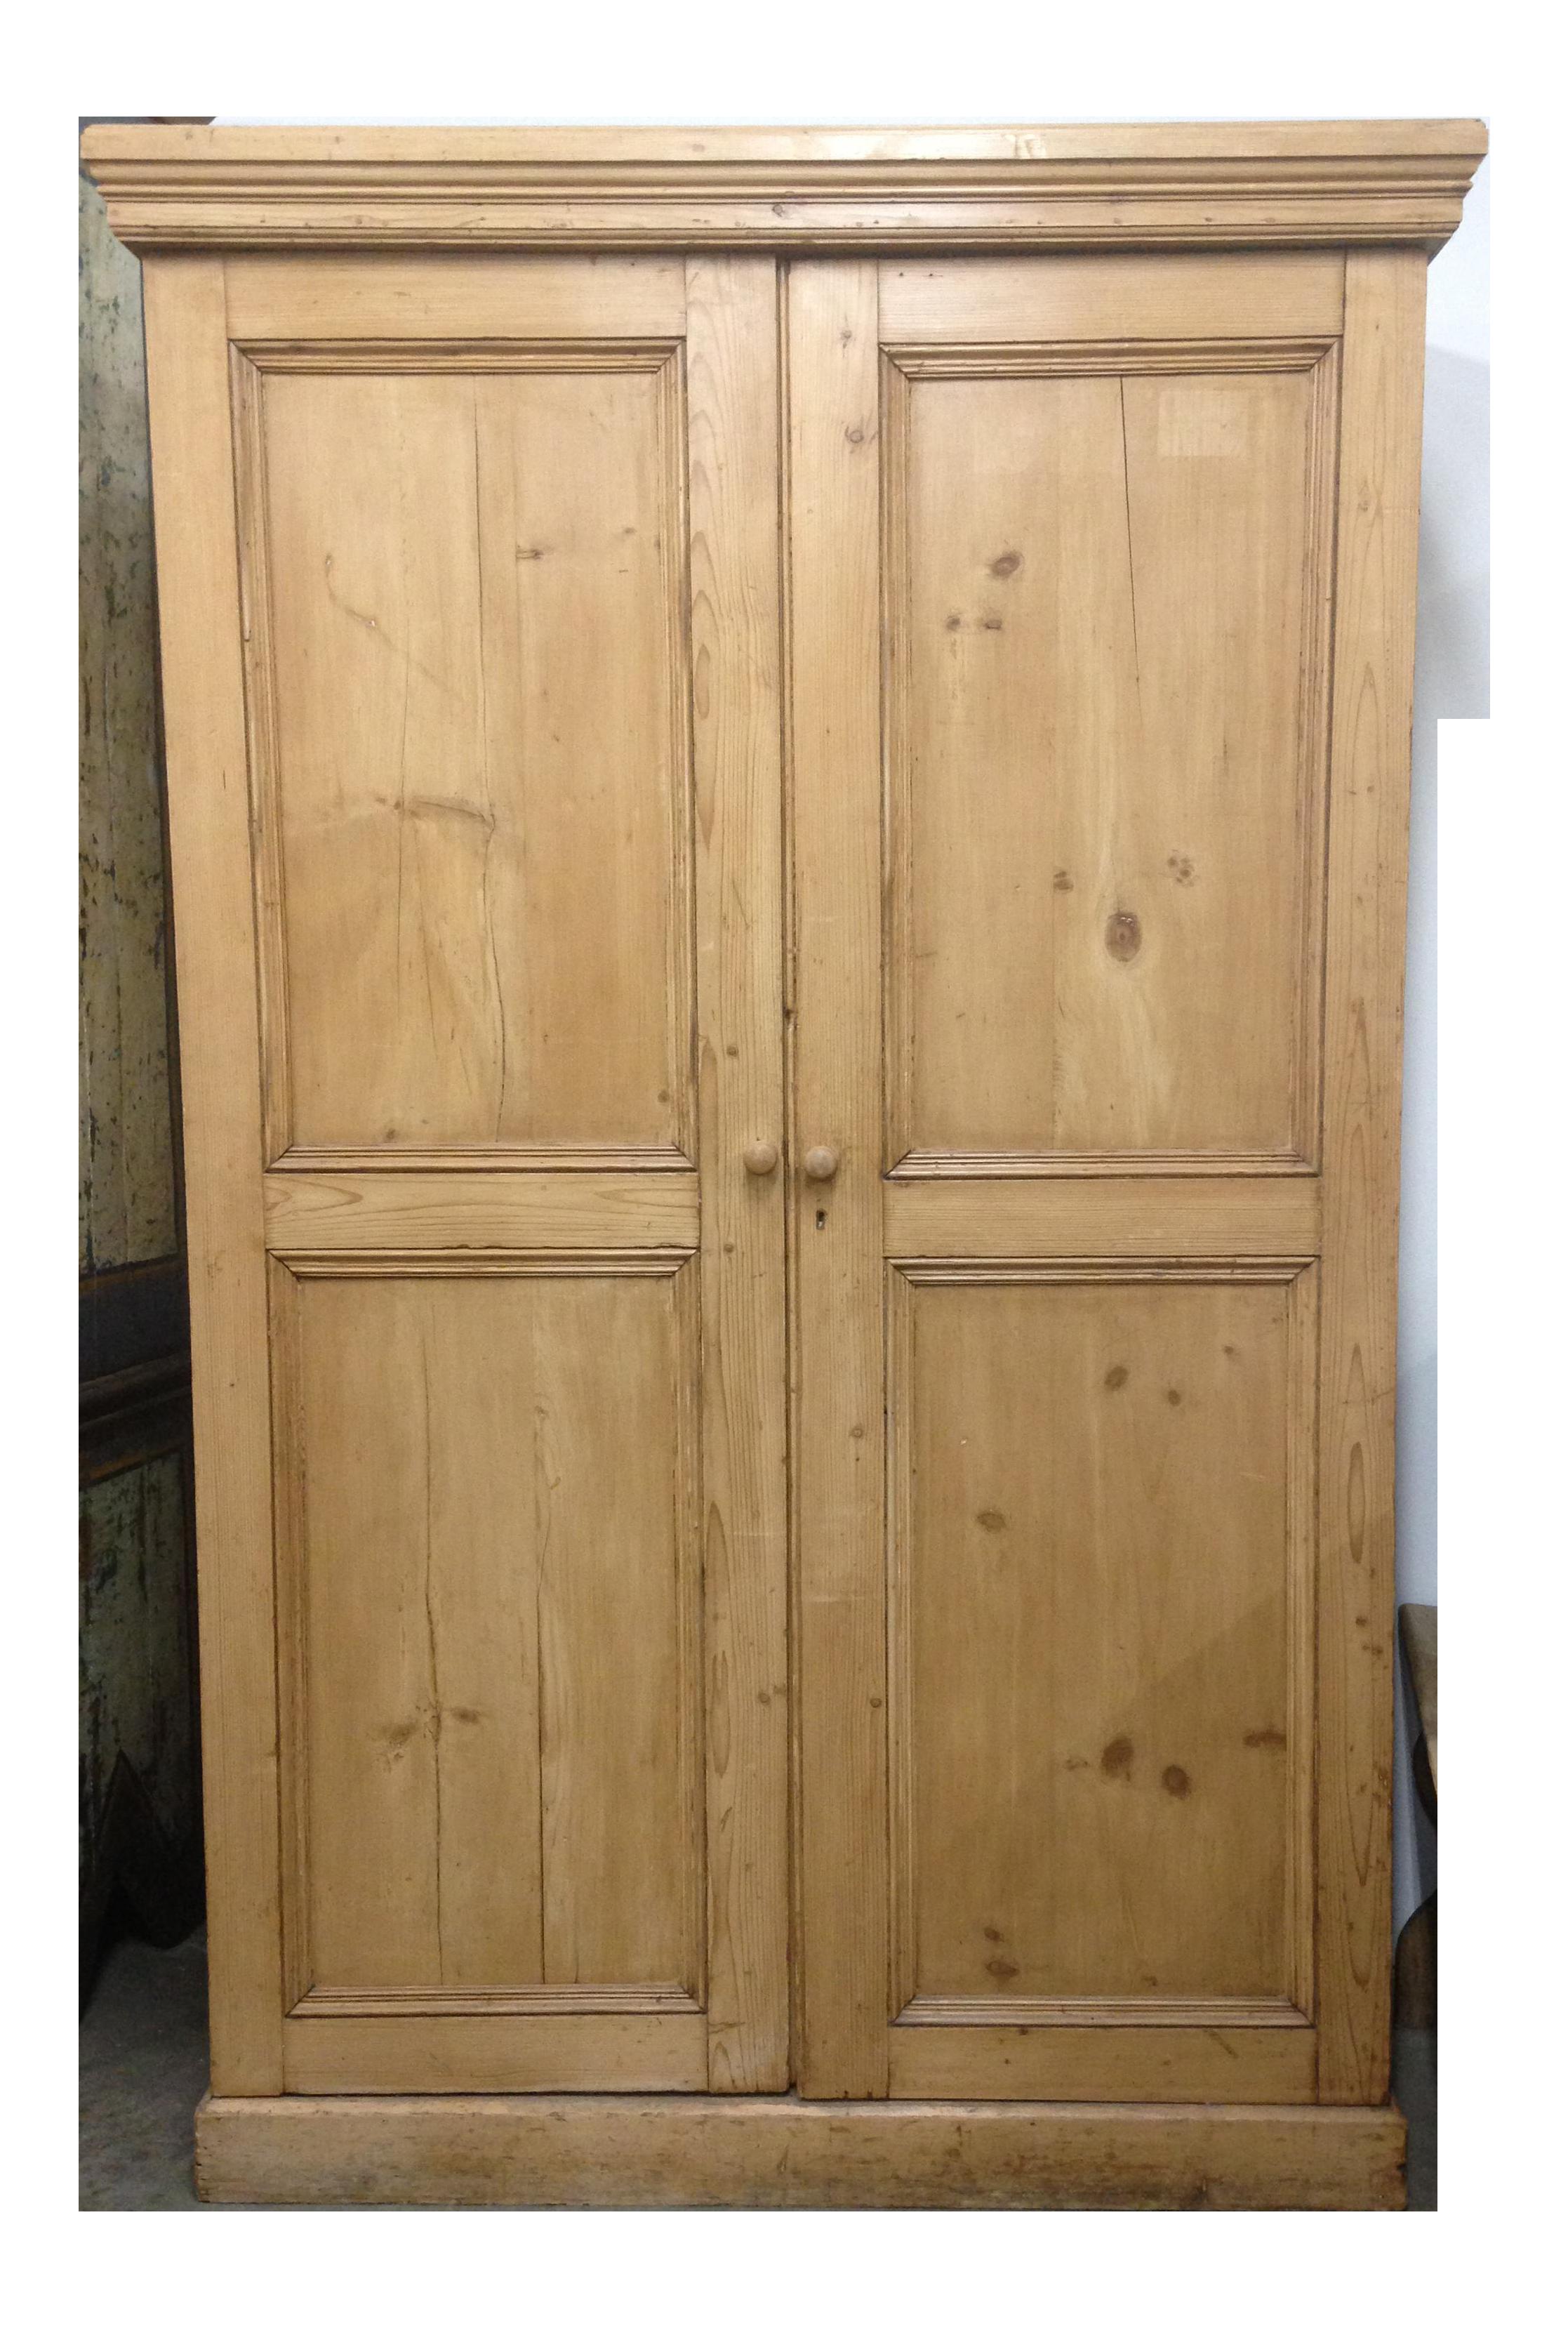 Superieur Antique Unpainted Rustic Pine Armoire